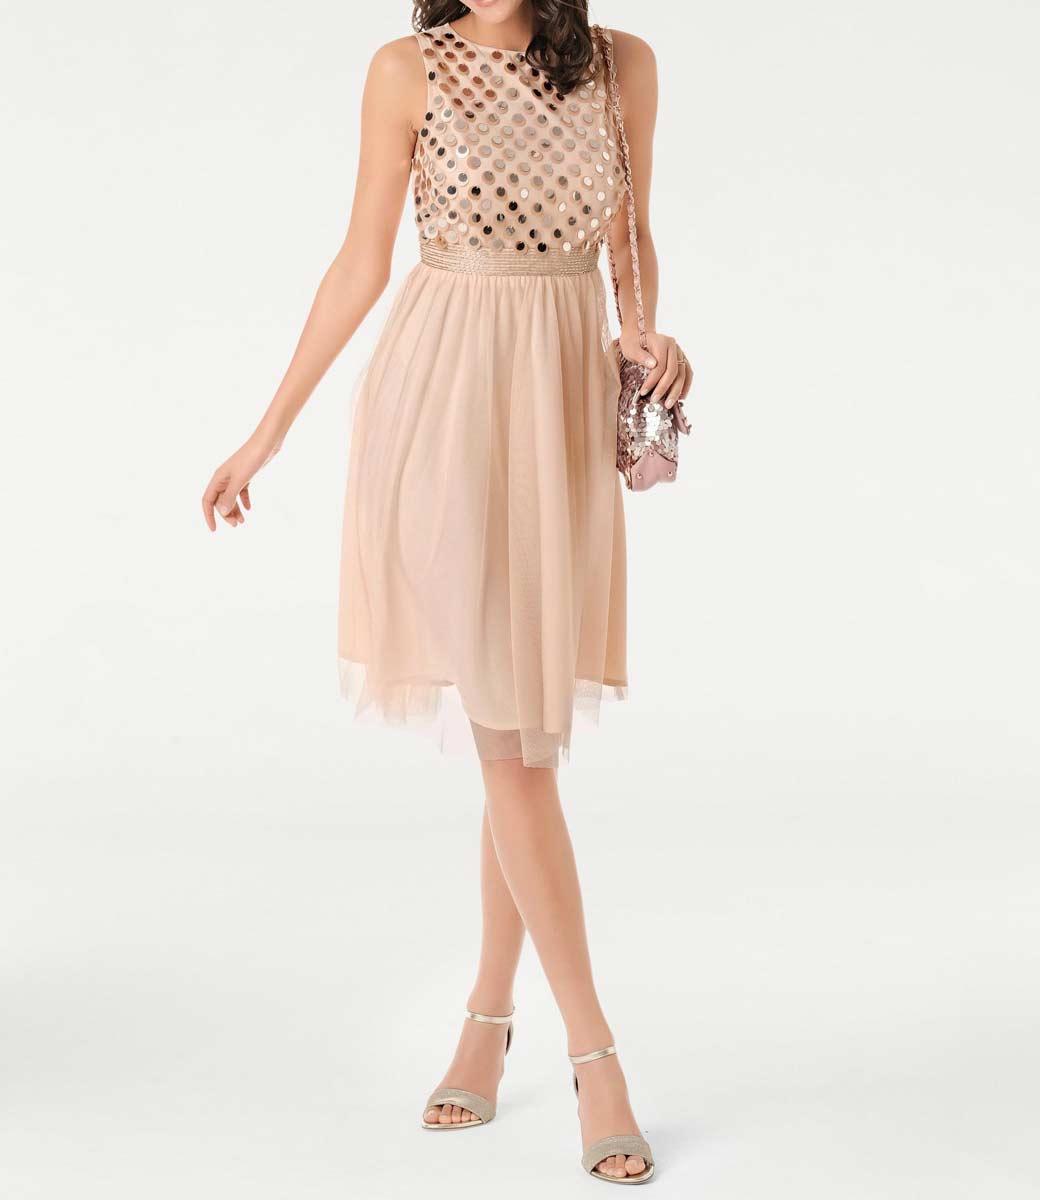 abendkleider in übergrößen ASHLEY BROOKE Damen Designer-Cocktailkleid Apricot 064.678 Missforty